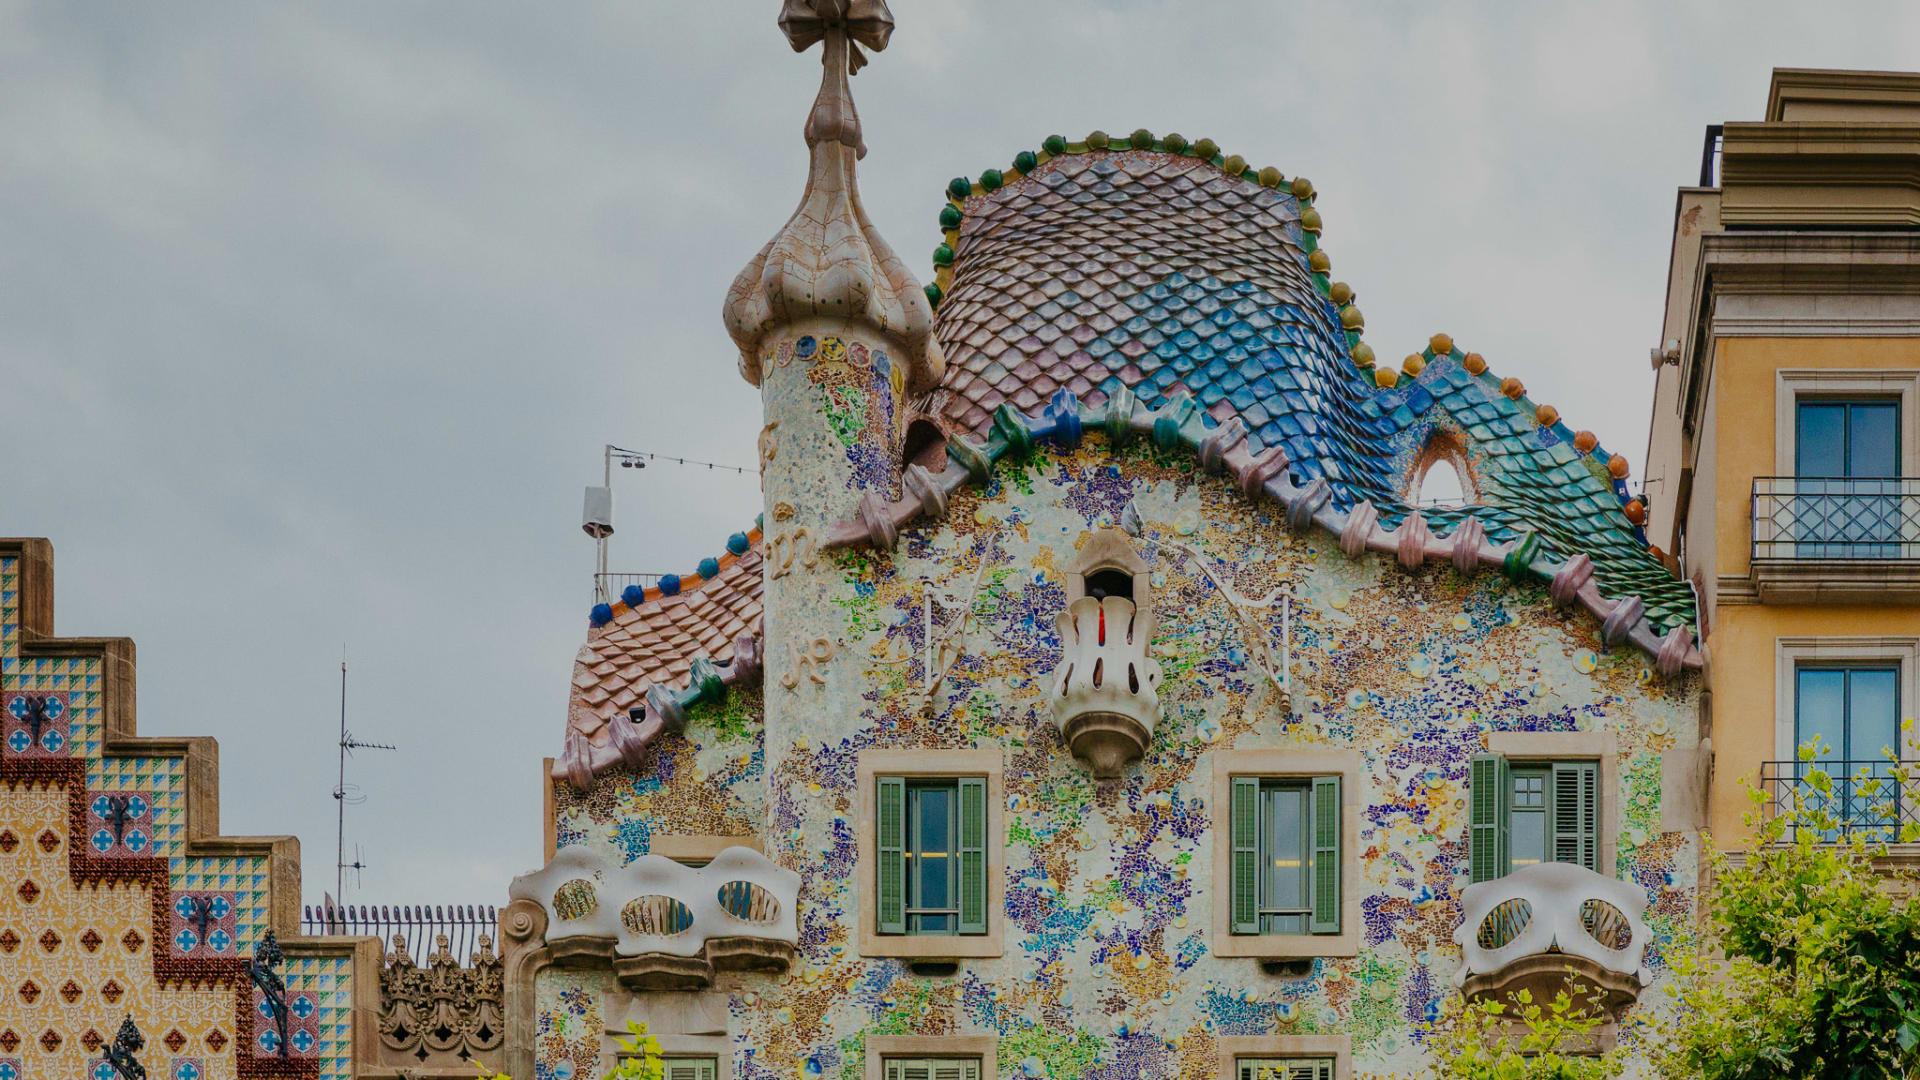 15 Architetti Famosi i segreti di gaudí e dei modernisti - withlocals